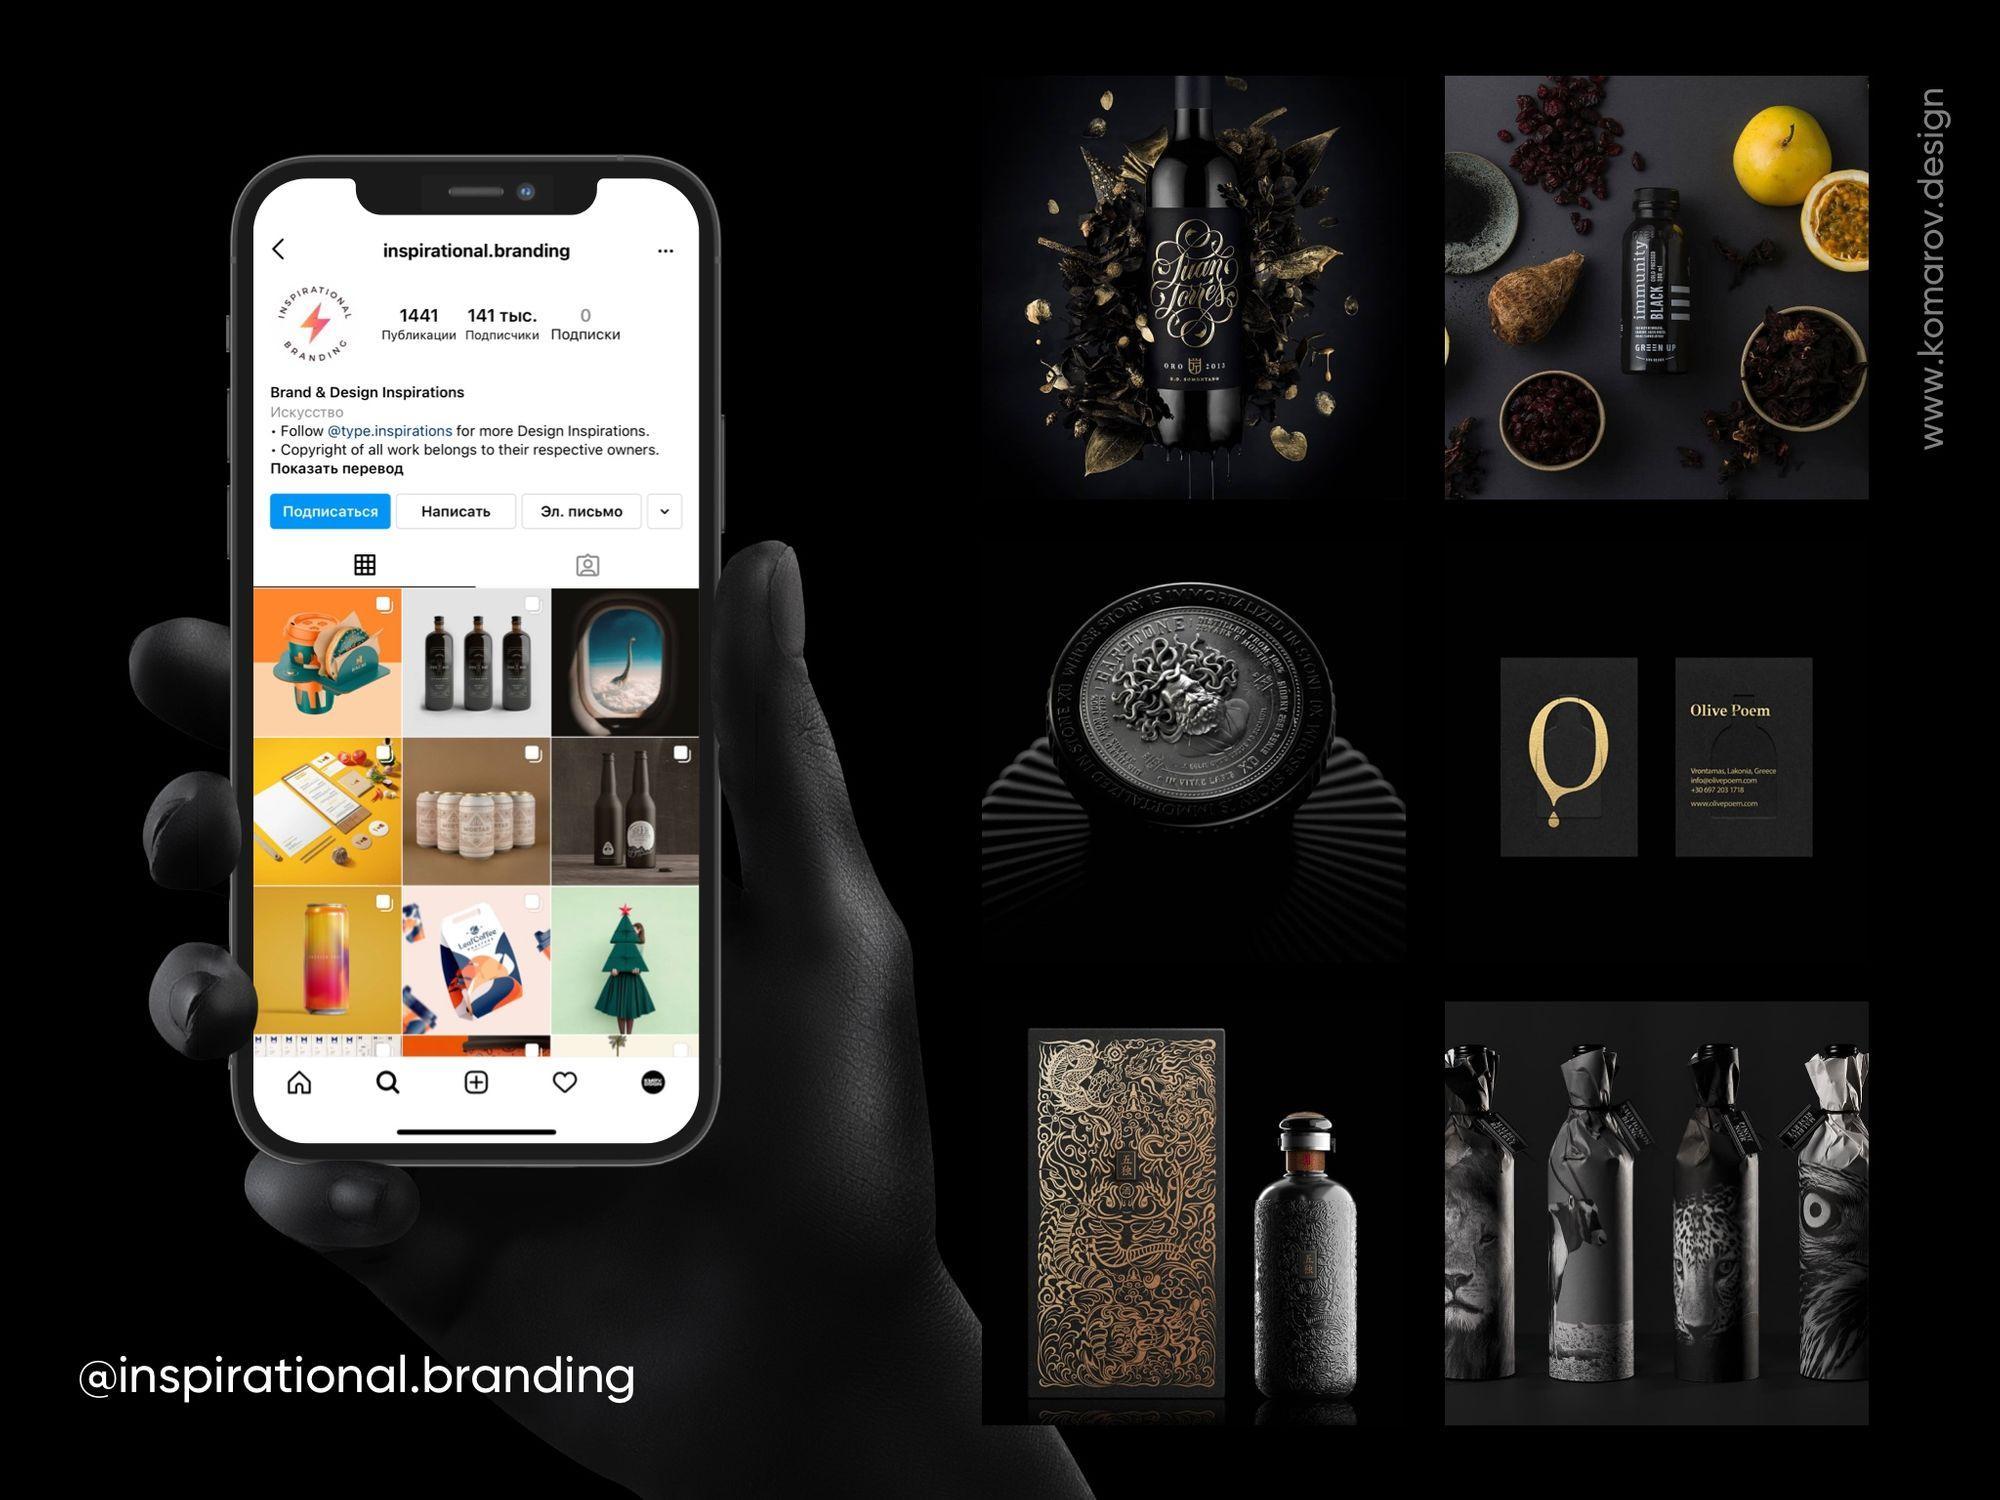 Инстаграм-аккаунт с красивыми упаковками продуктов.